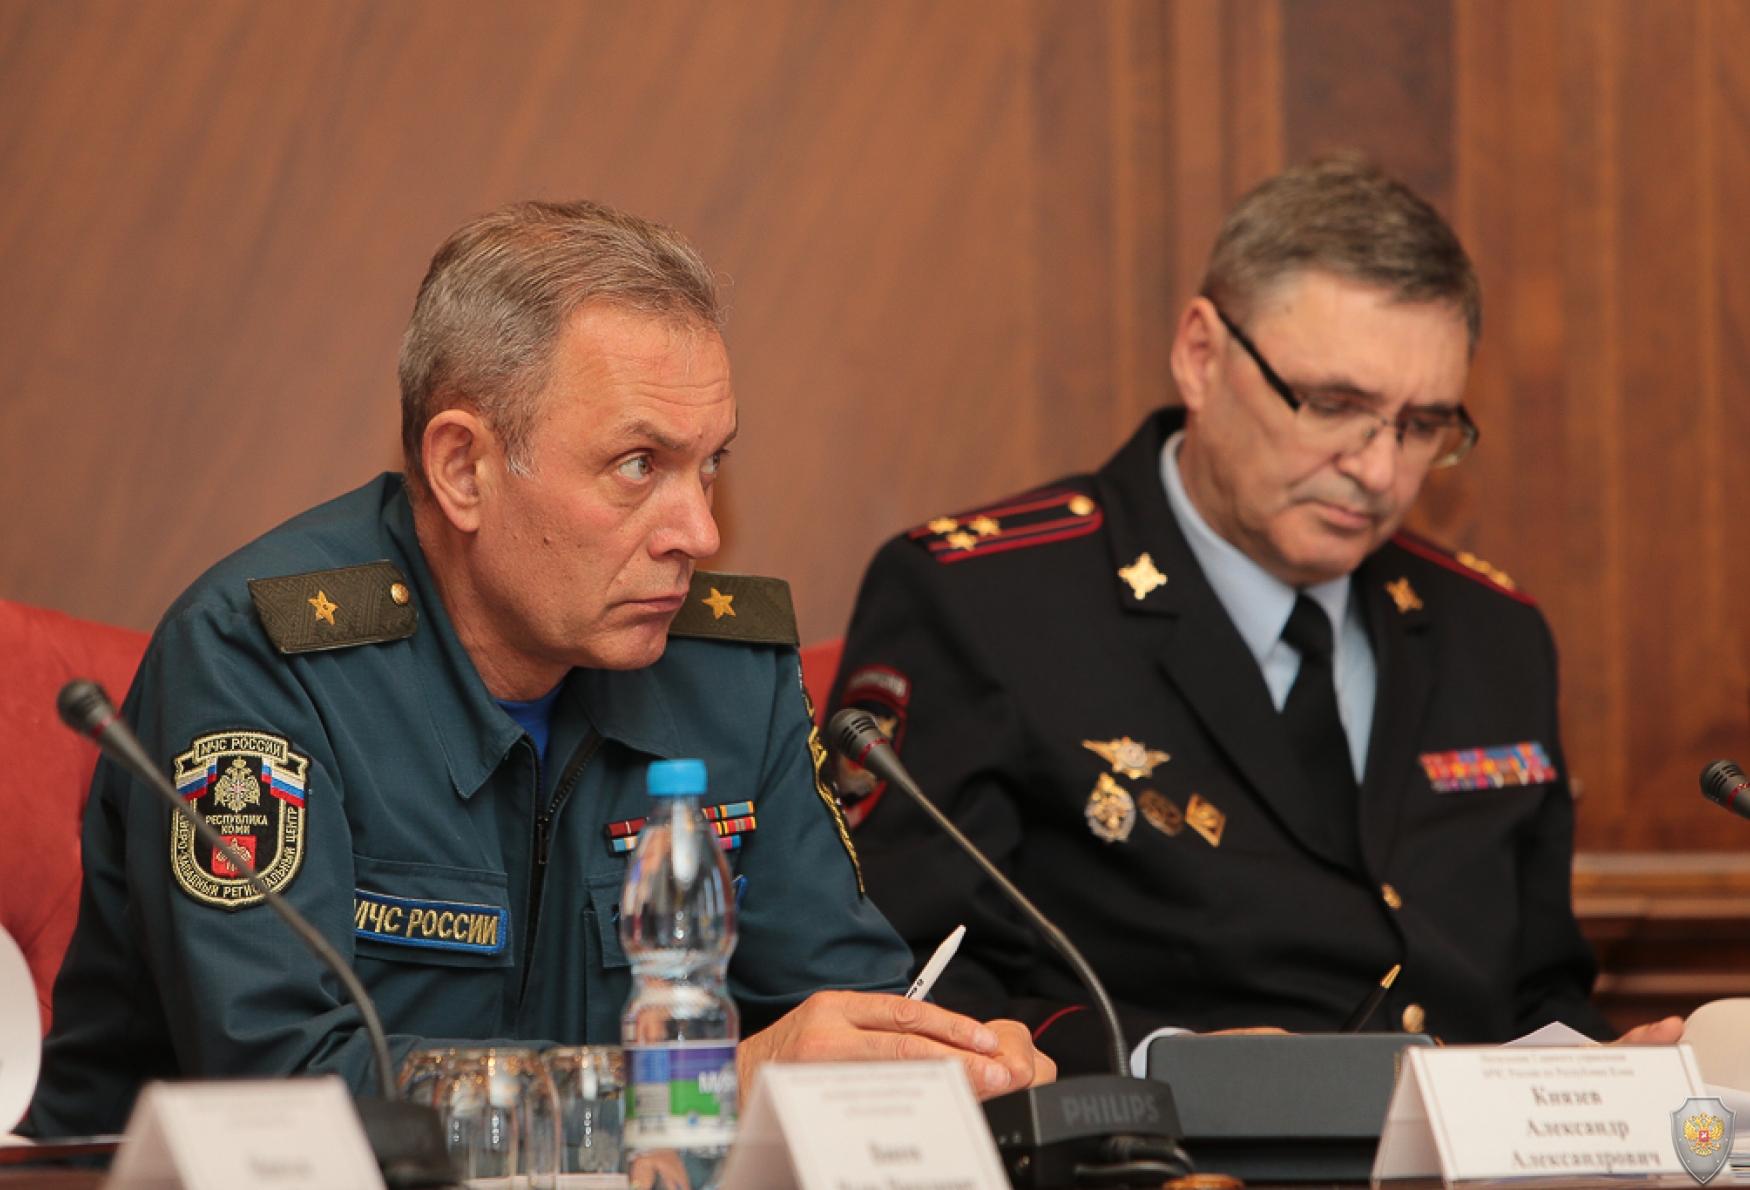 Члены Антитеррористической комиссии в Республике Коми